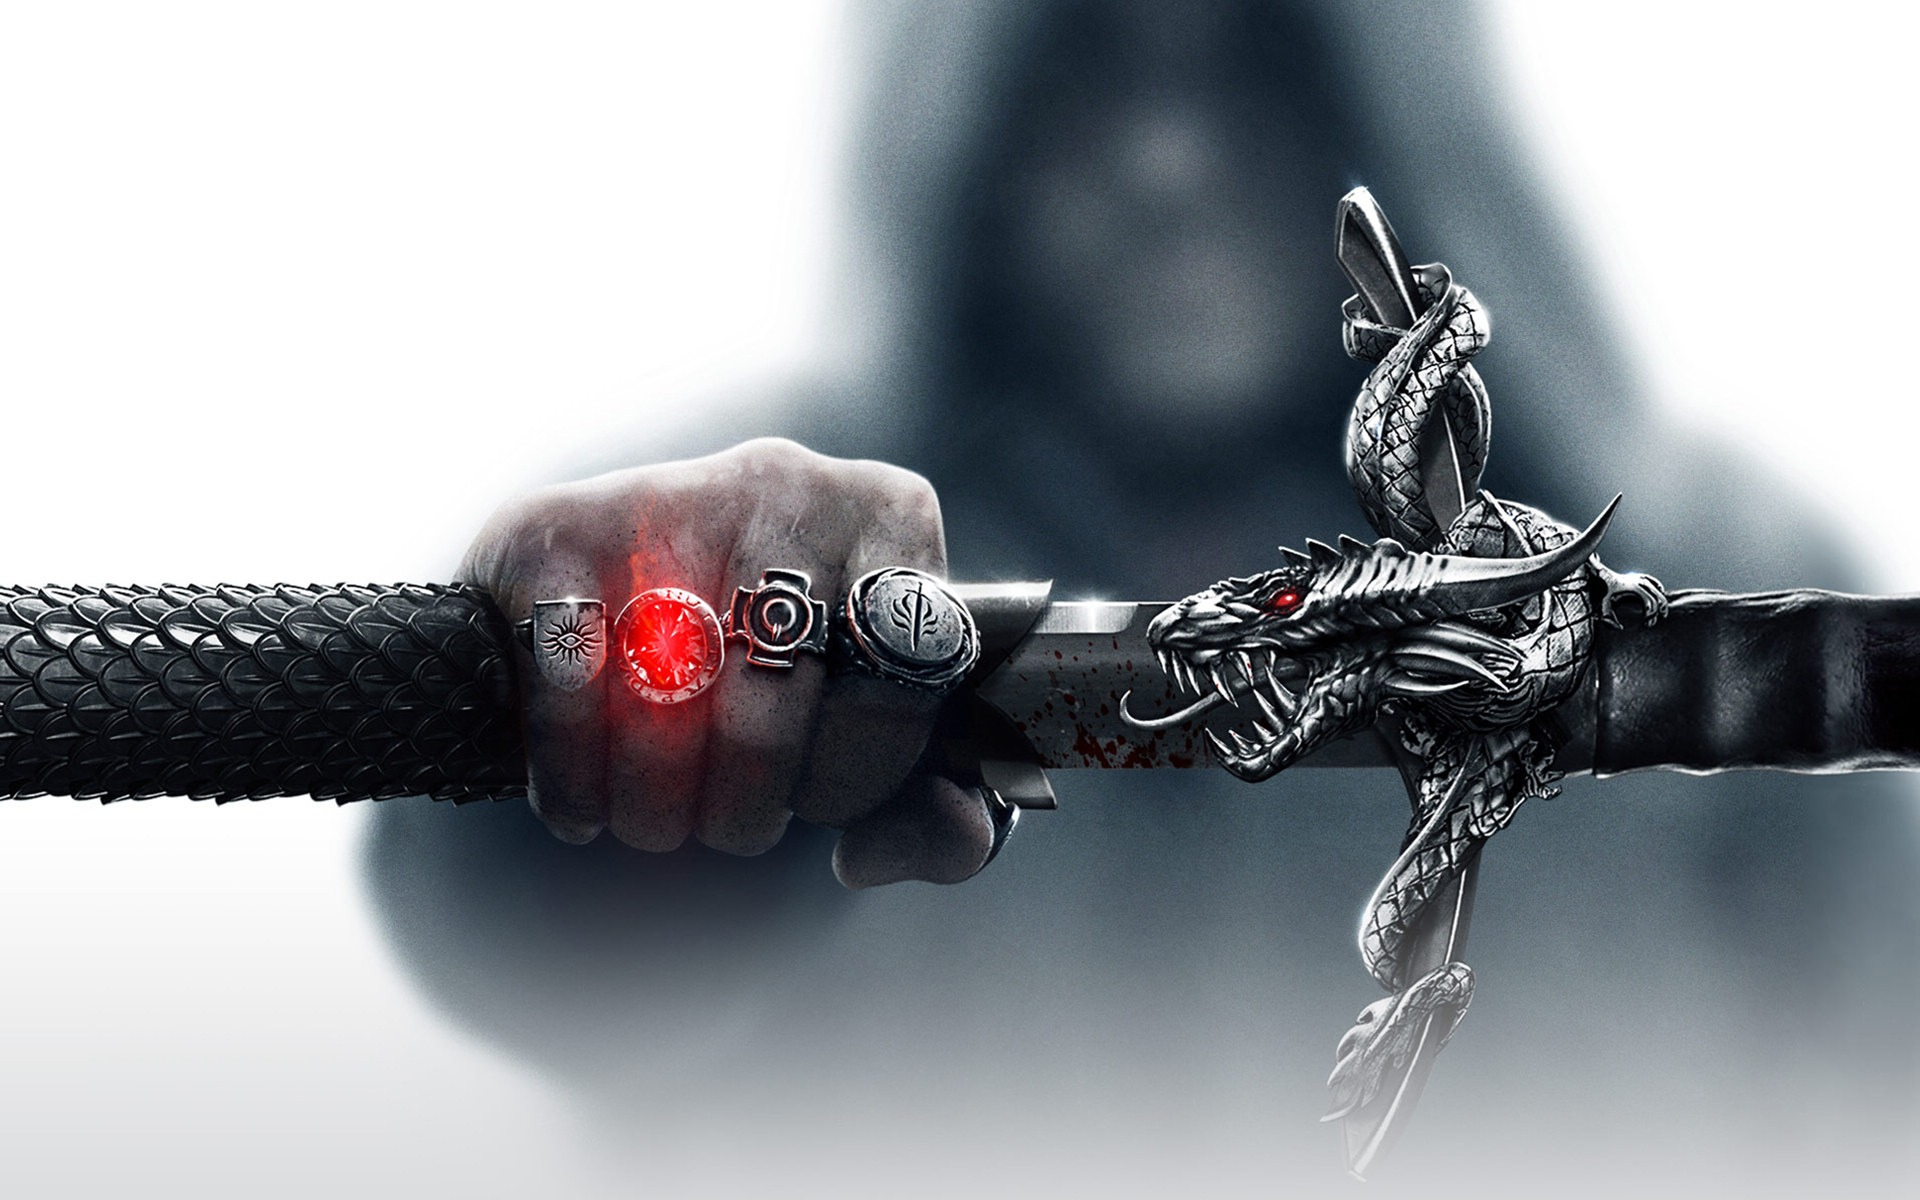 Dragon Age 3: Inquisition, рука, перстни, магия обои скачать